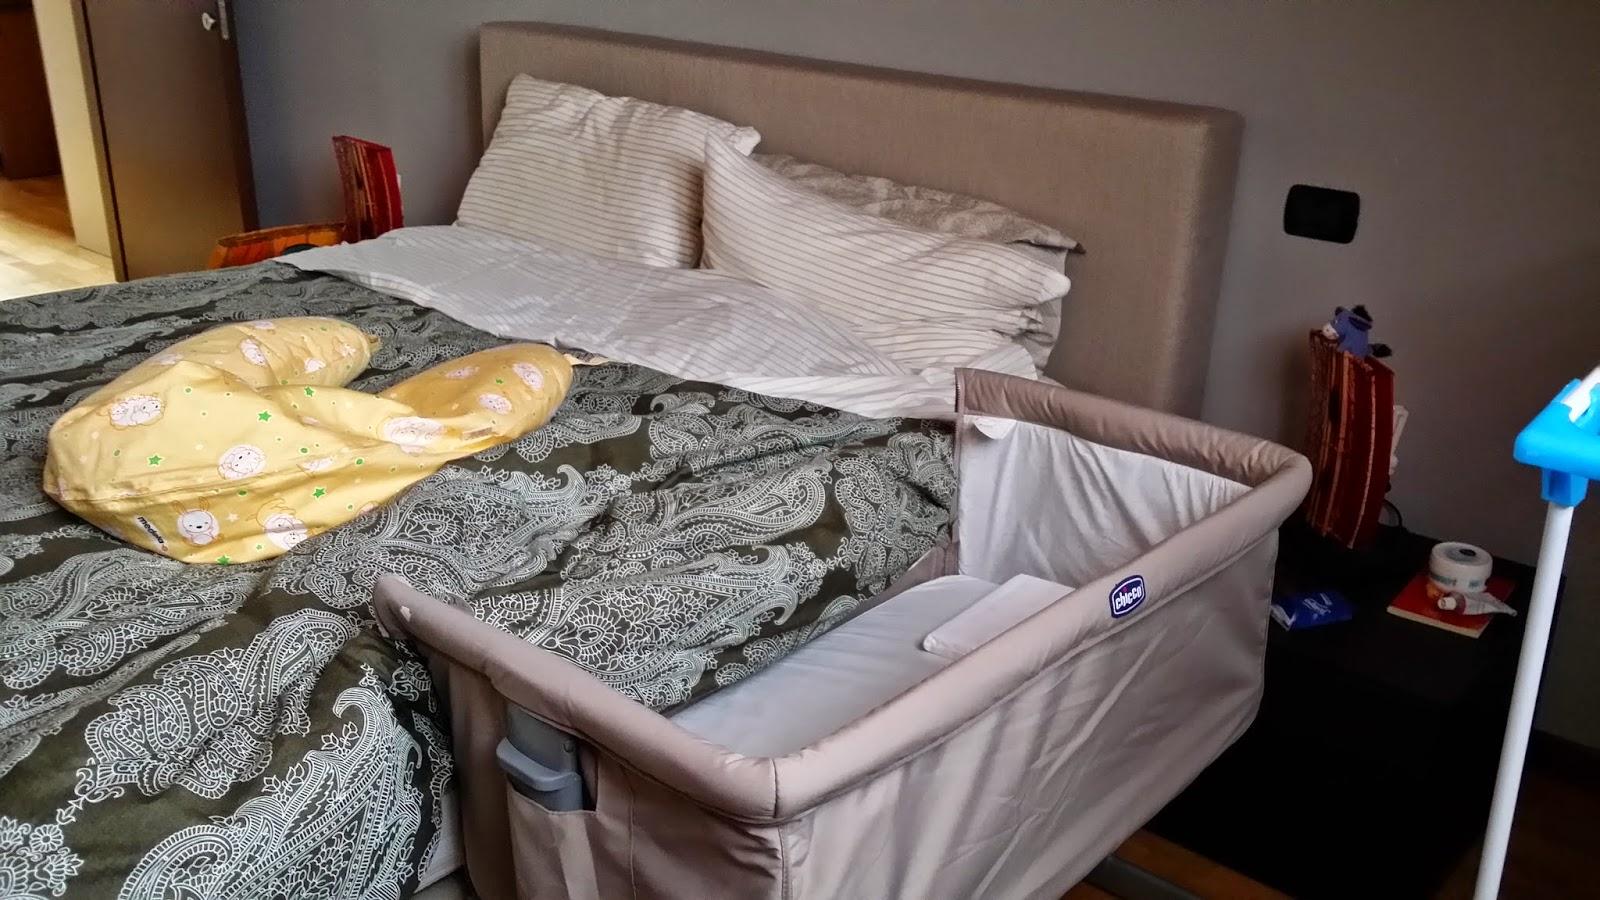 Culla next2me co sleeping una mamma in pigiama - Culla che si attacca al letto prenatal ...